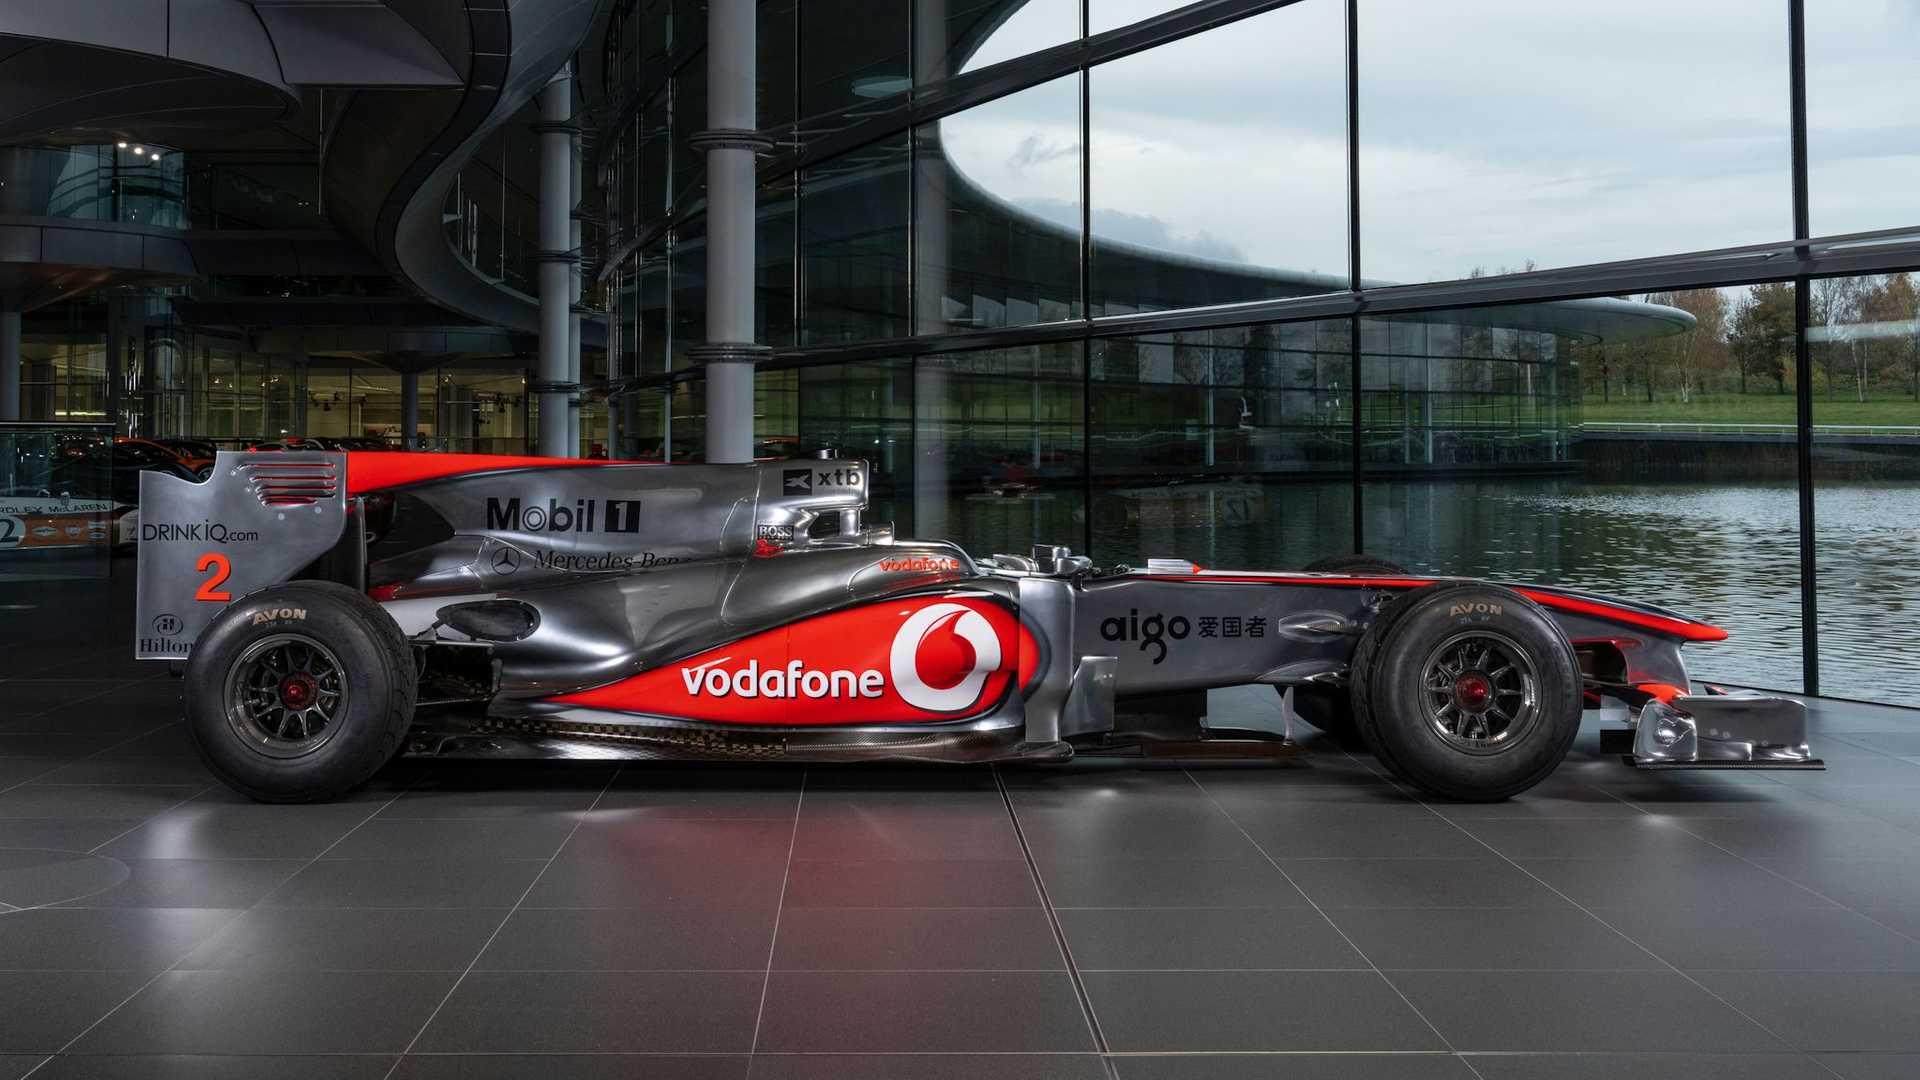 Lewis-Hamilton-McLaren-MP4-25A-auction-2